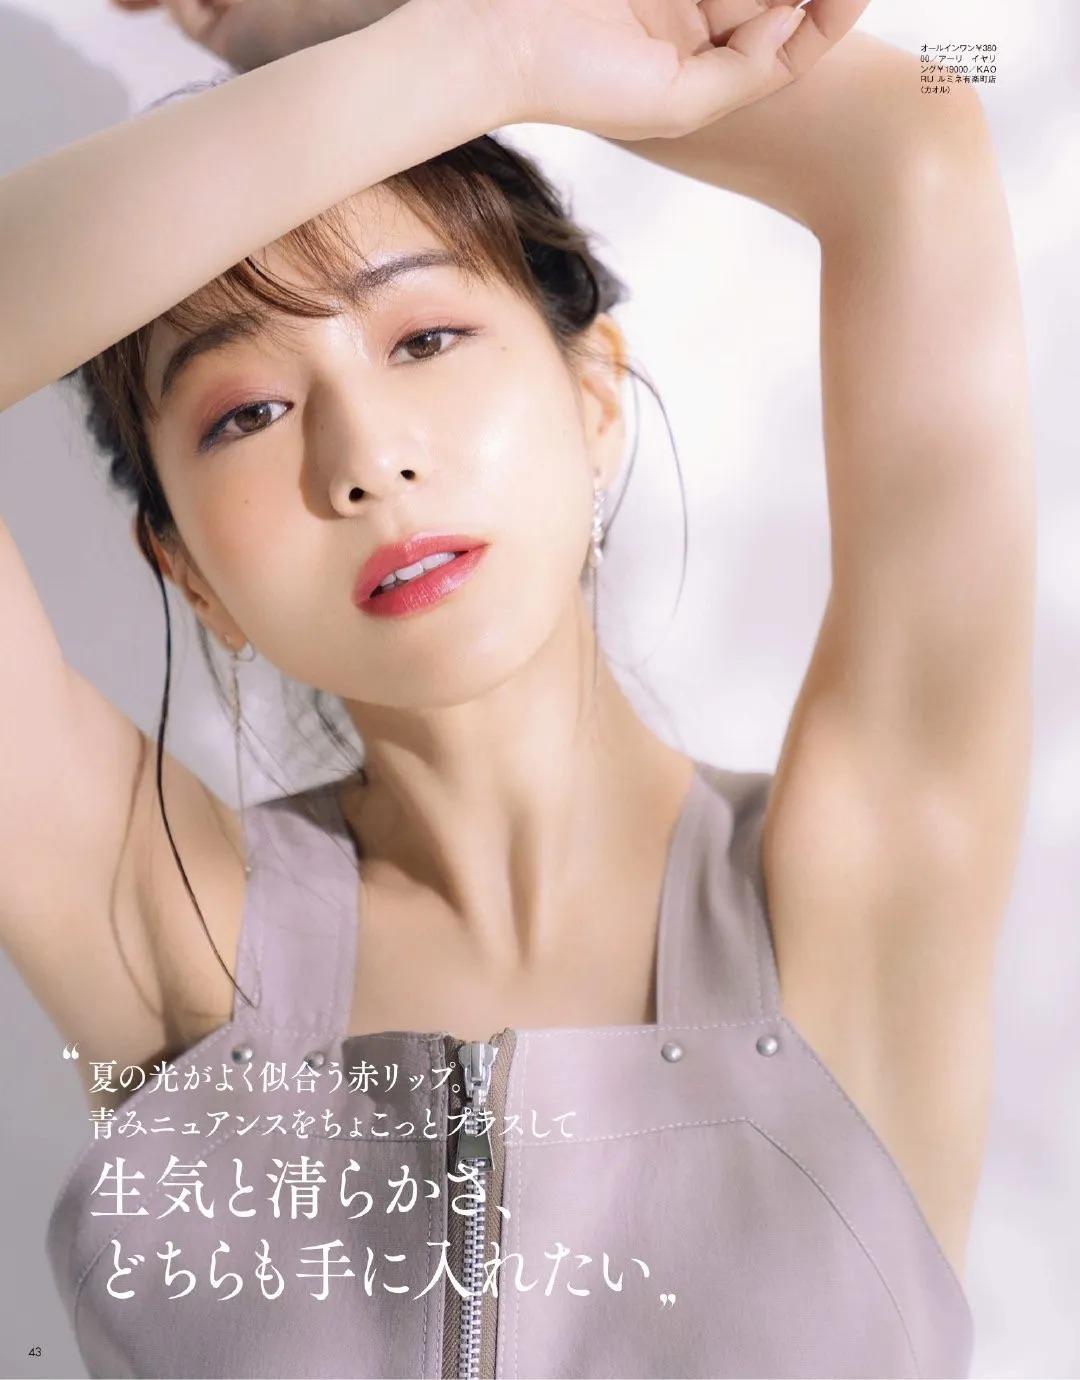 """从""""女性公敌""""华丽转身成为""""美容教主""""的美女主播田中美奈实写真作品 (97)"""